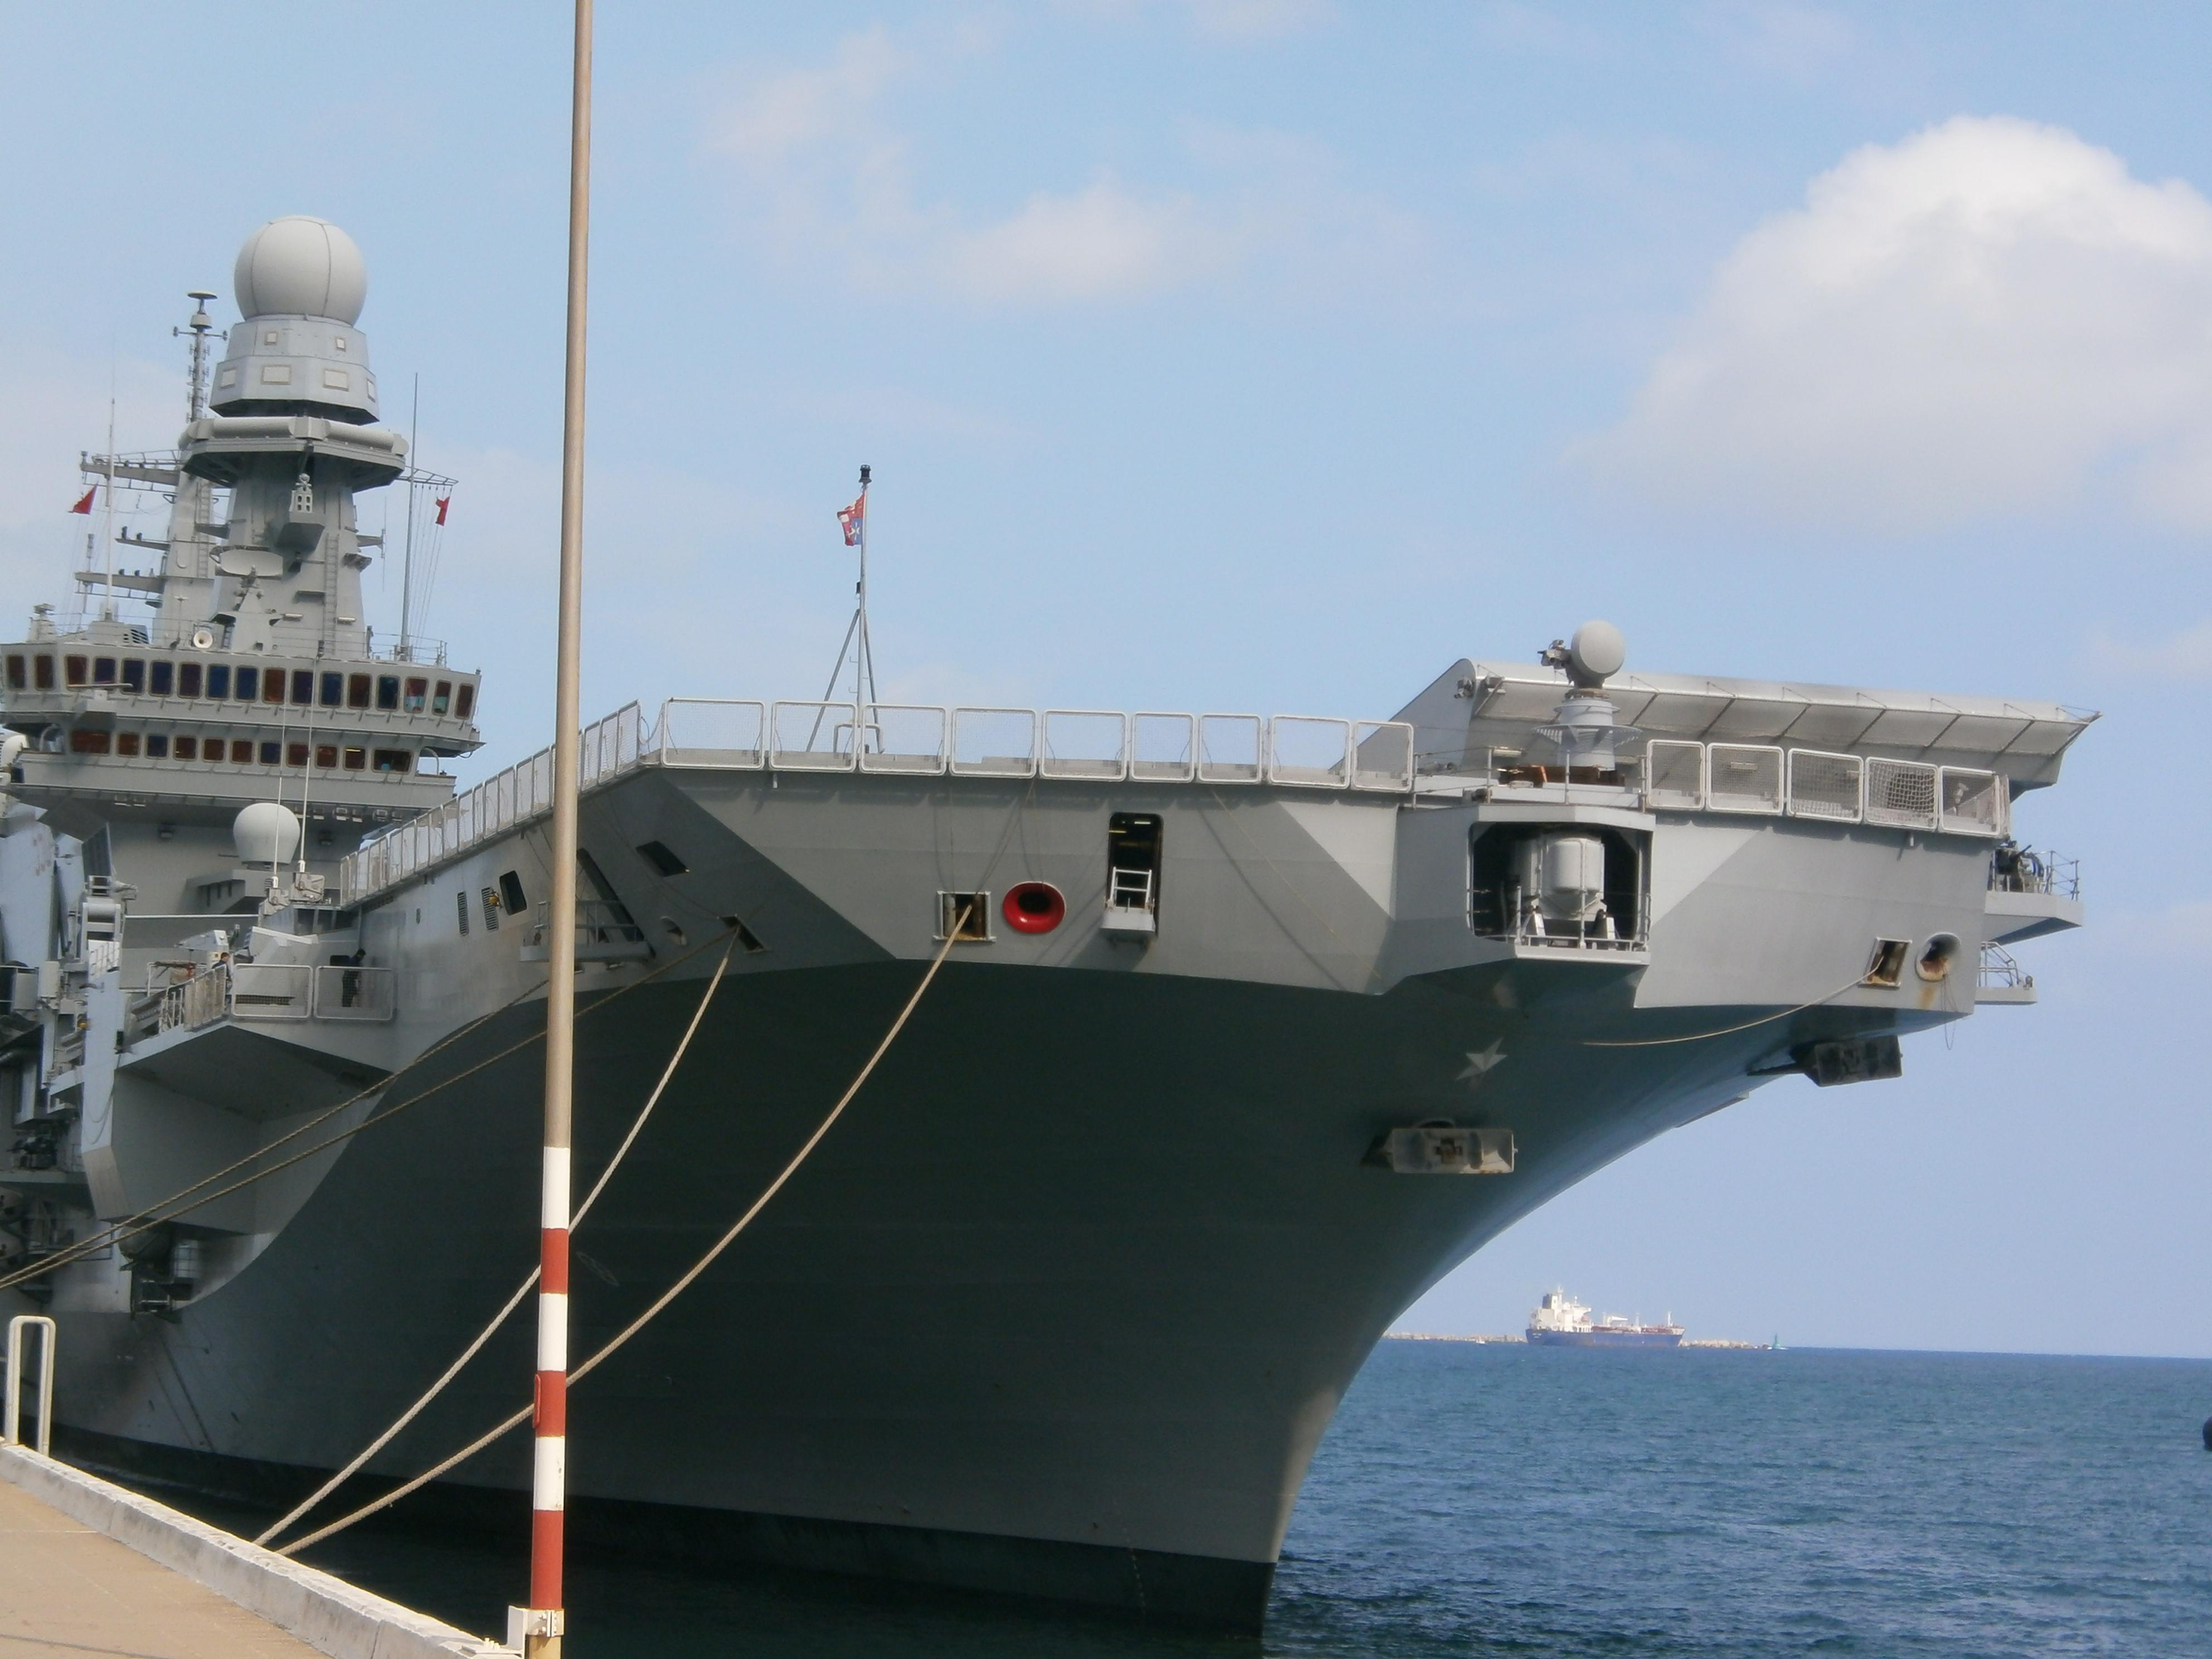 La portaerei cavour in sosta operativa ad augusta - Nave portaerei ...